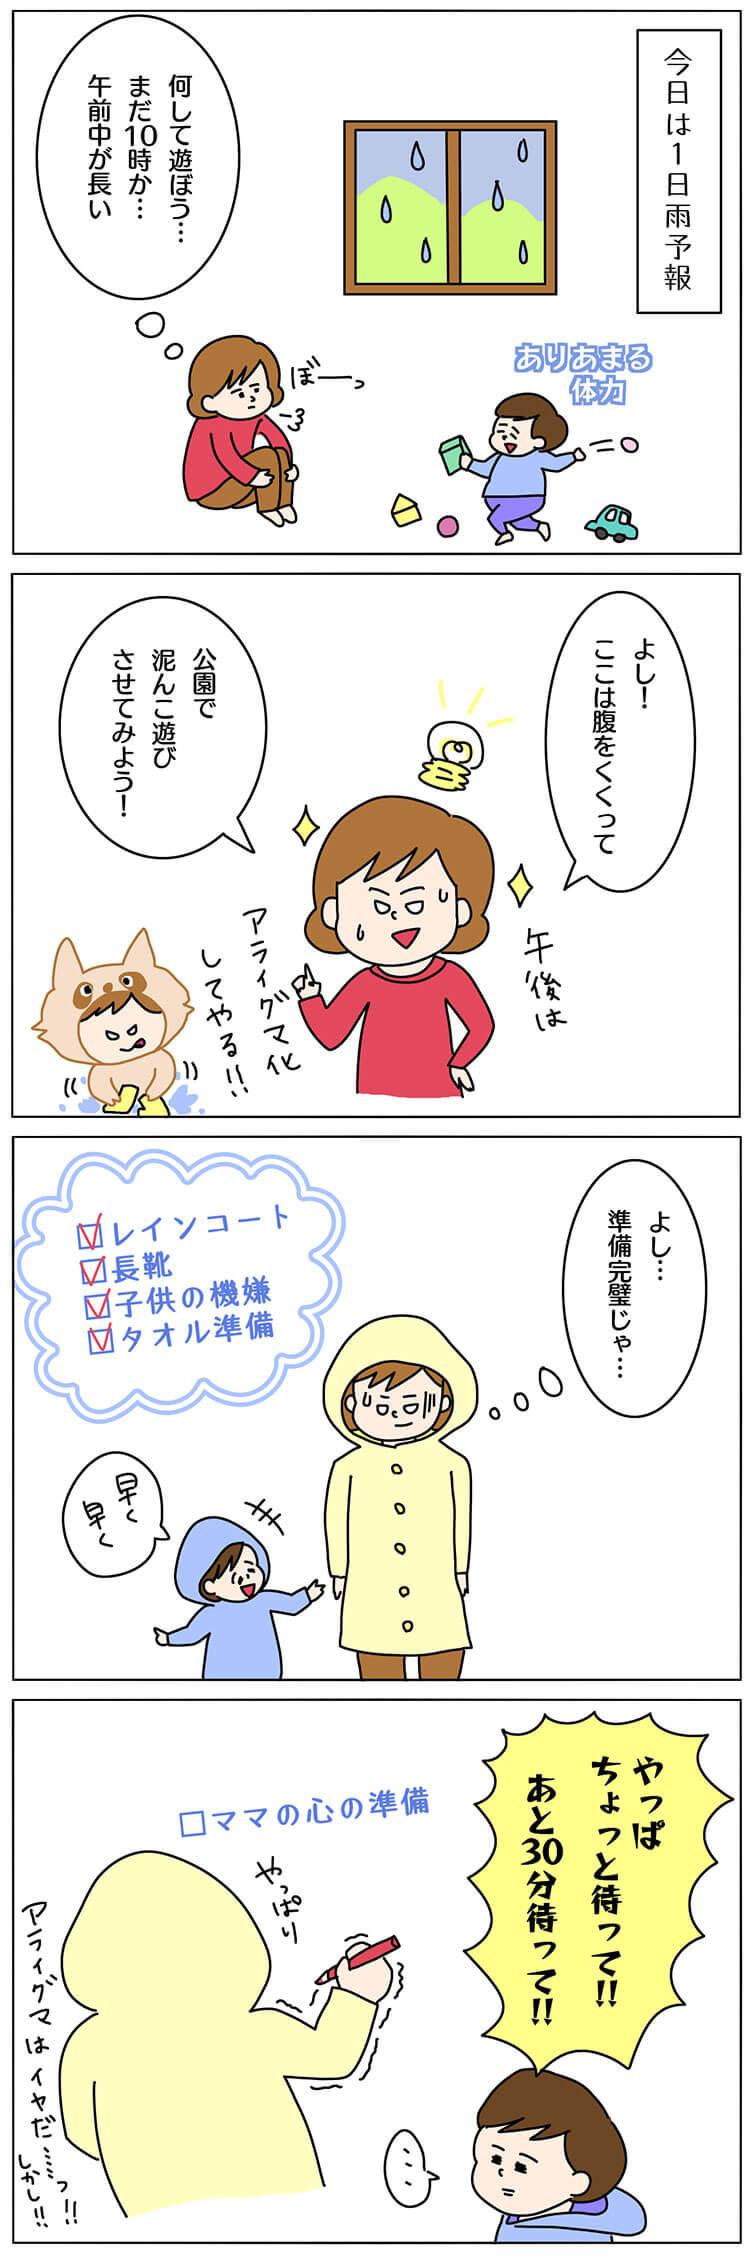 雨の日の幼児の過ごし方についての子育て4コマ漫画